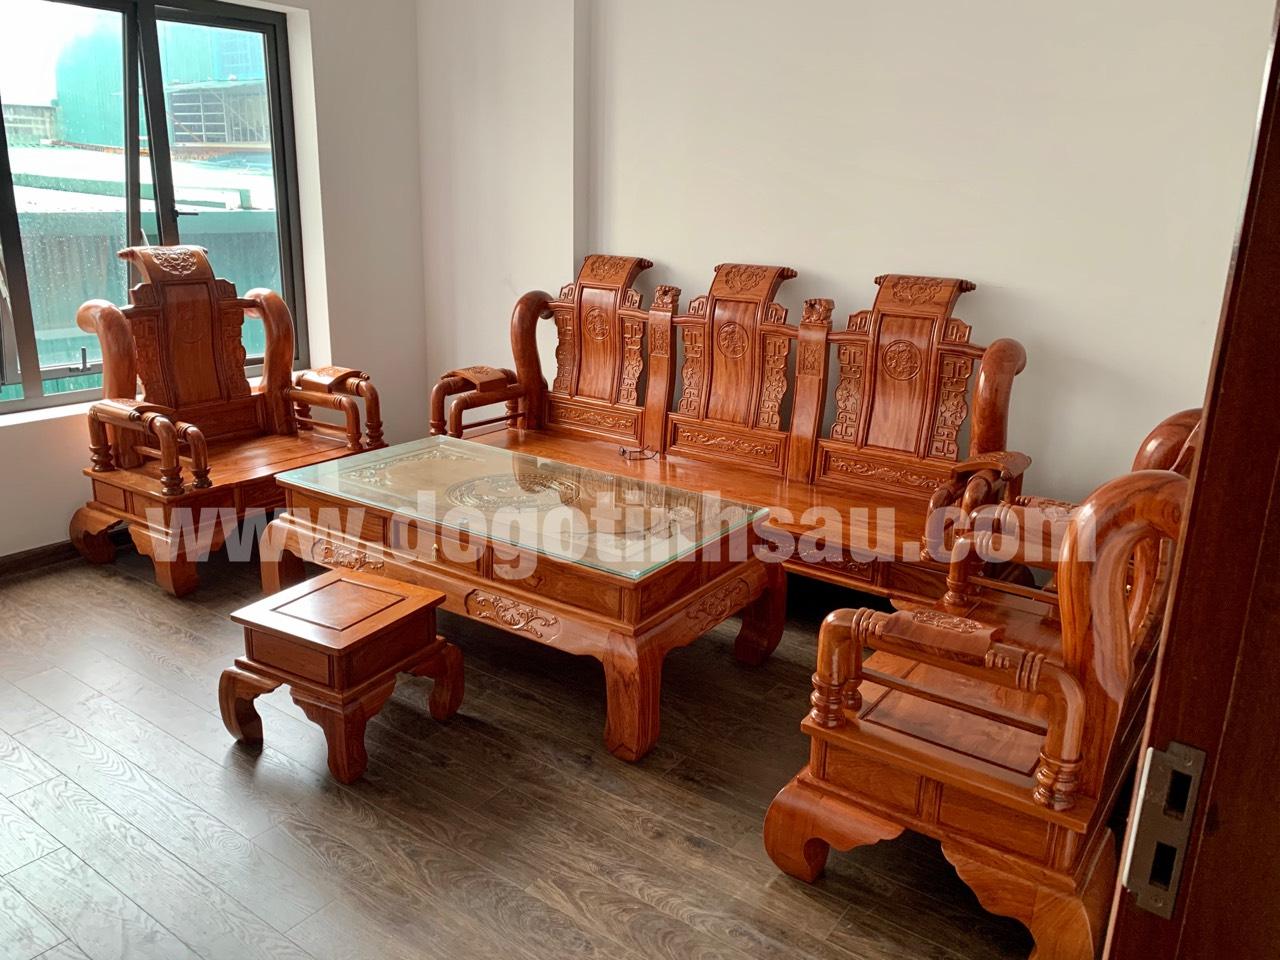 bo ban ghe tan thuy hoang tay 12 go huong da - Bộ bàn ghế Tần Thủy Hoàng cột 12 gỗ hương đá (cột liền)